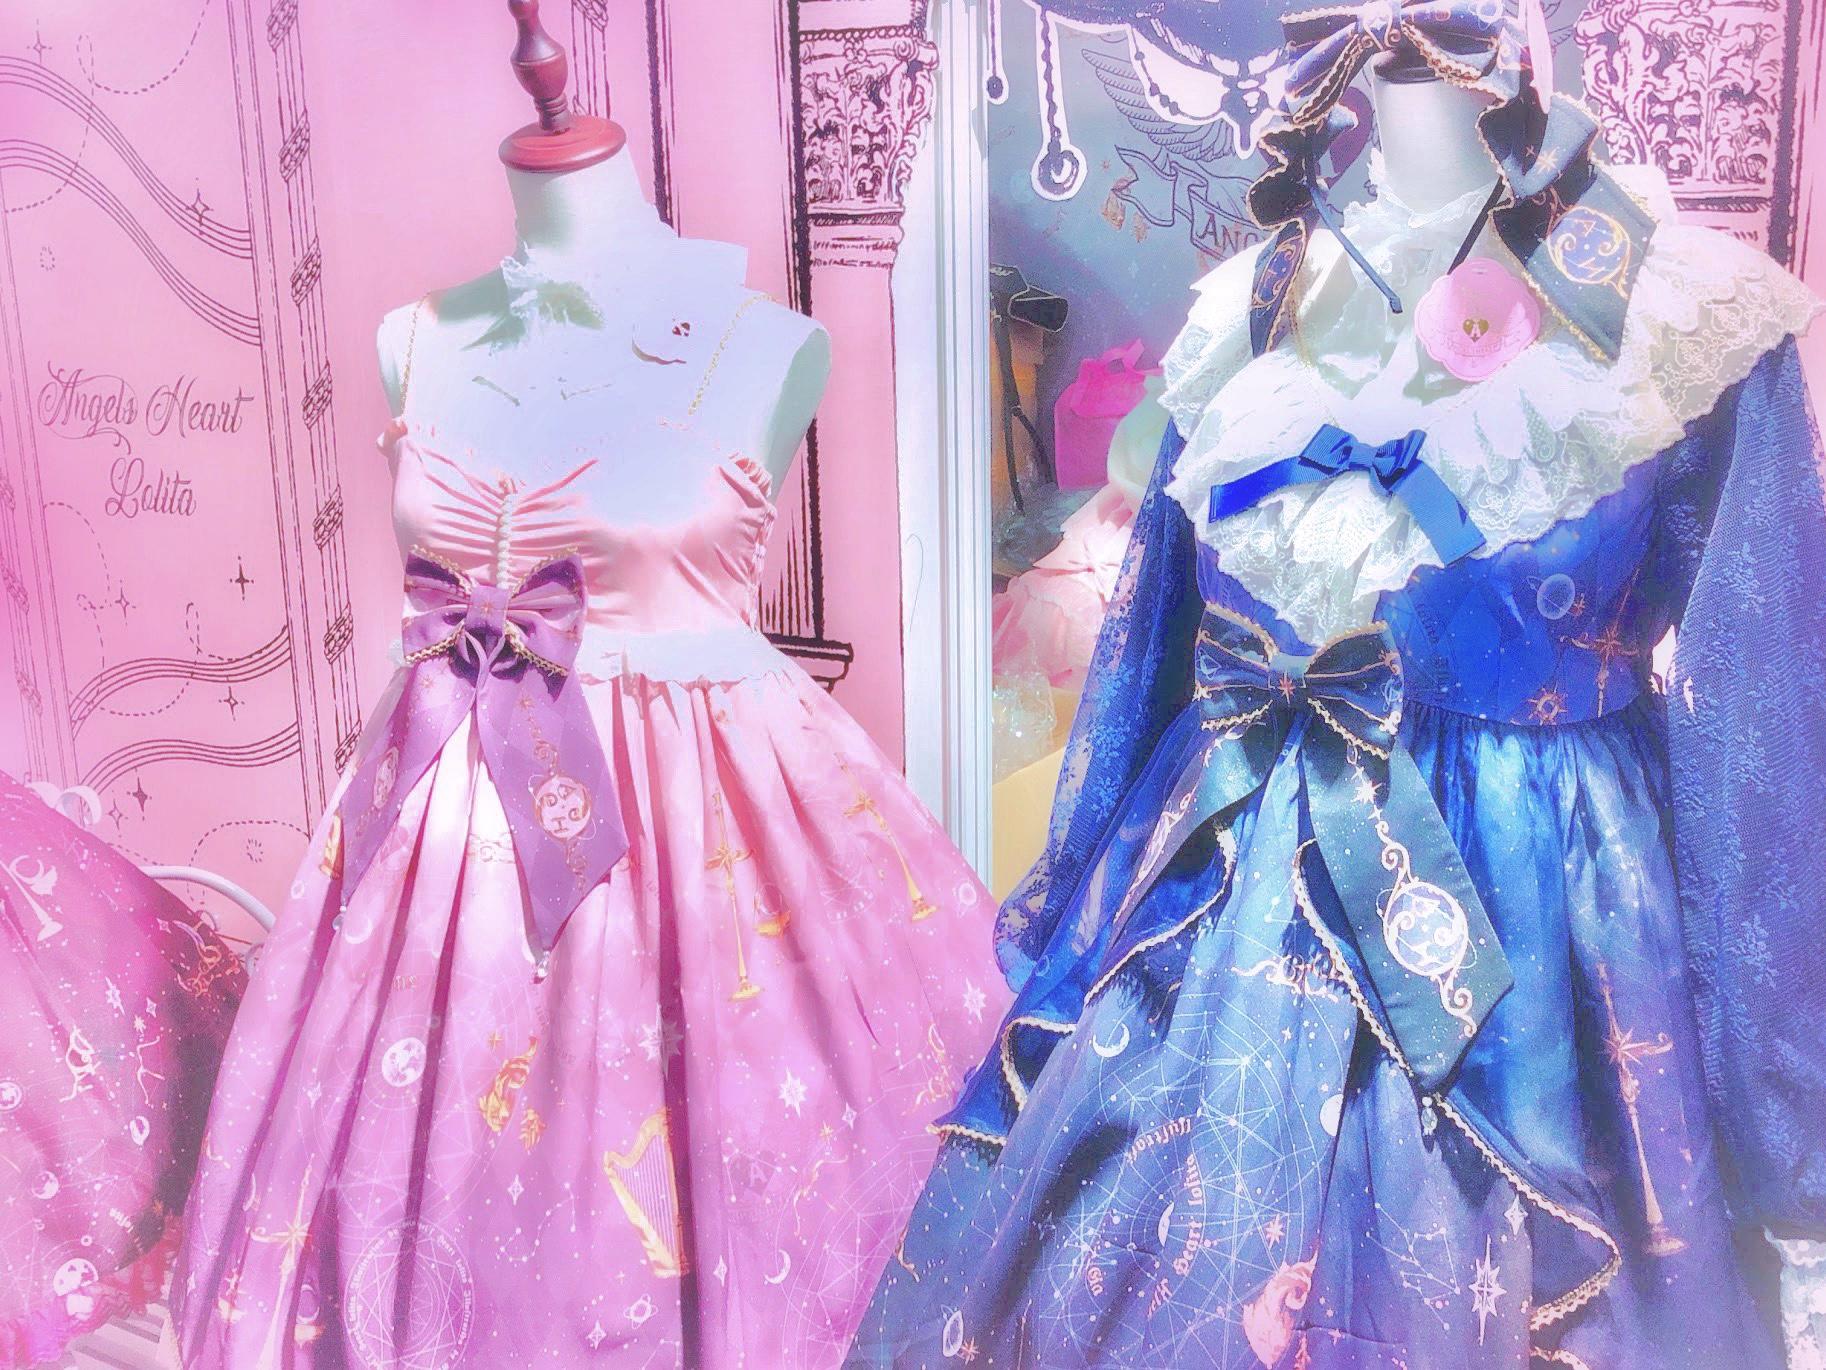 中国ロリータ服Angels Heart Lolitaの画像